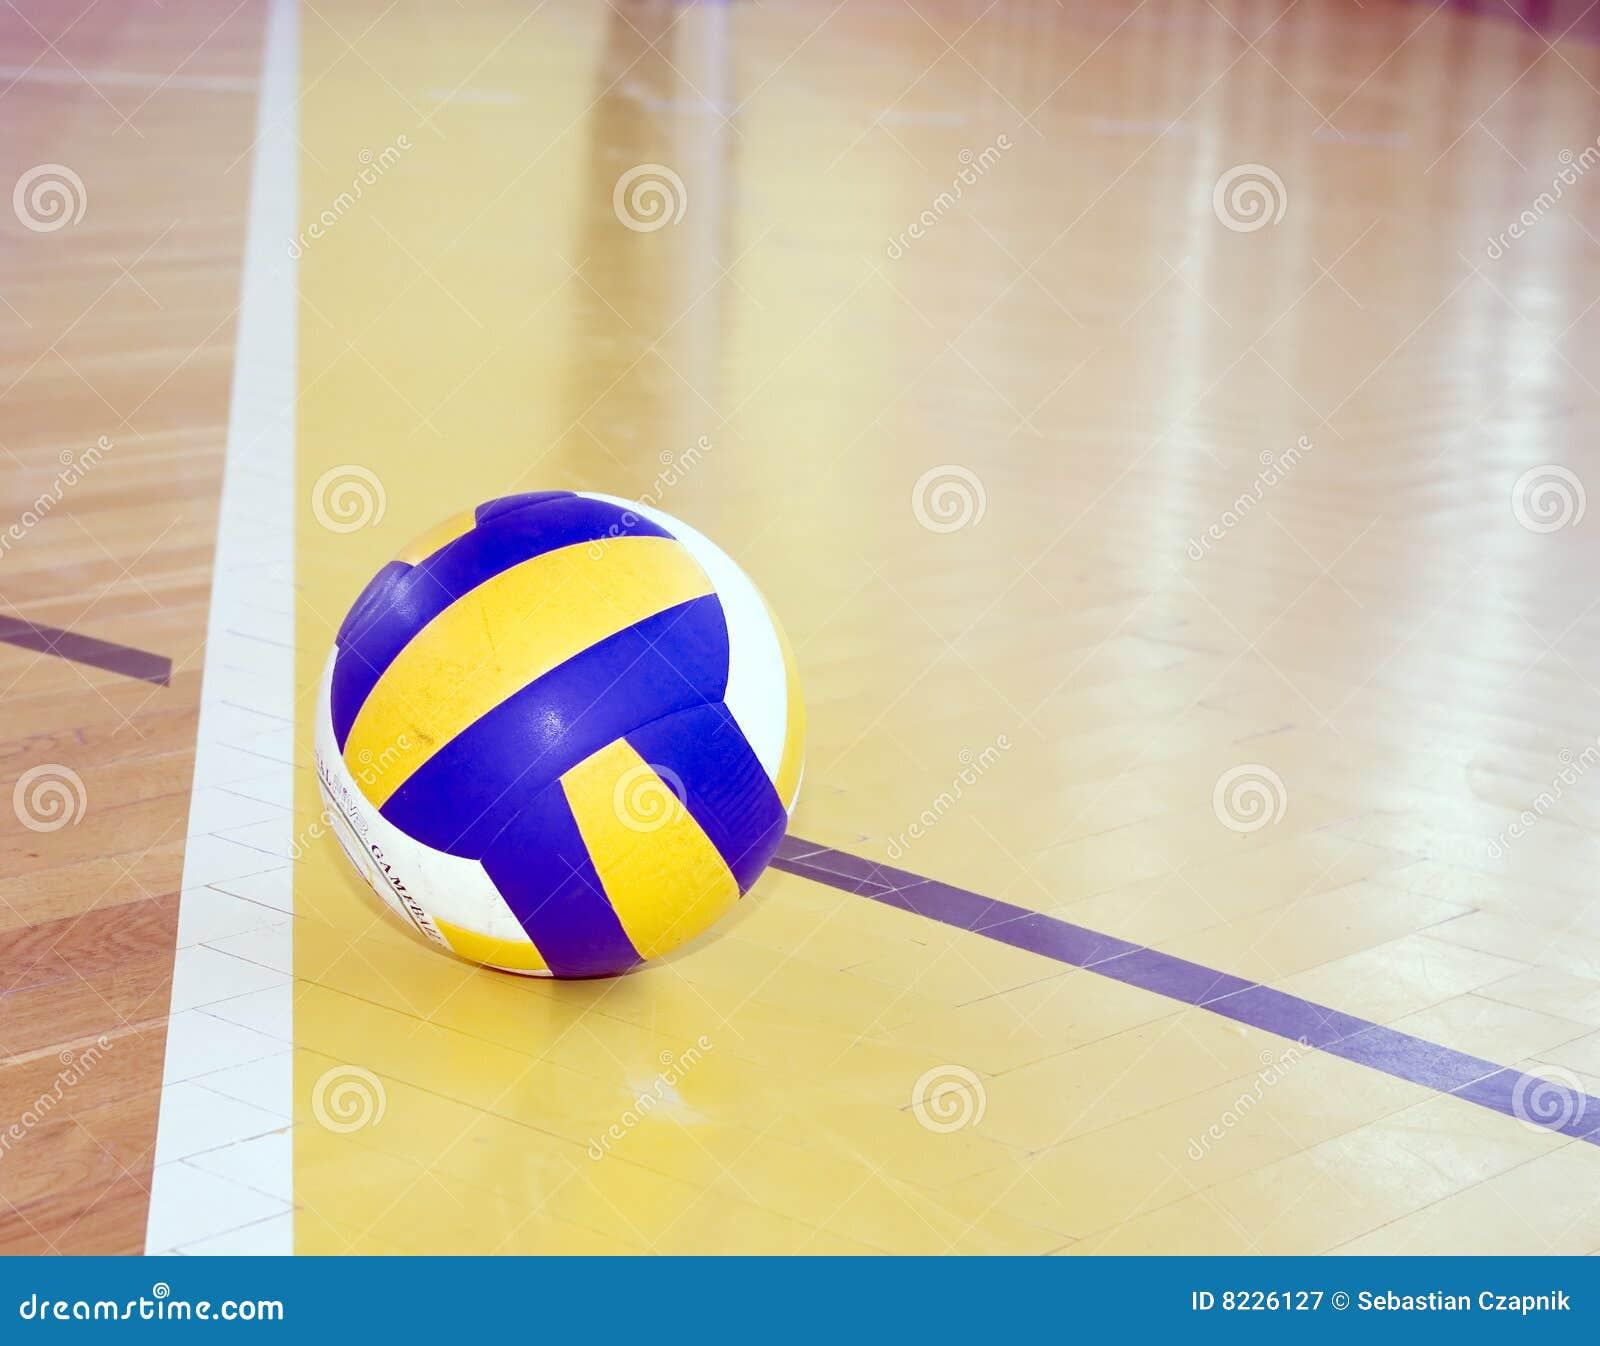 Volleyball On Hardwood Floor Stock Image Image 8226127